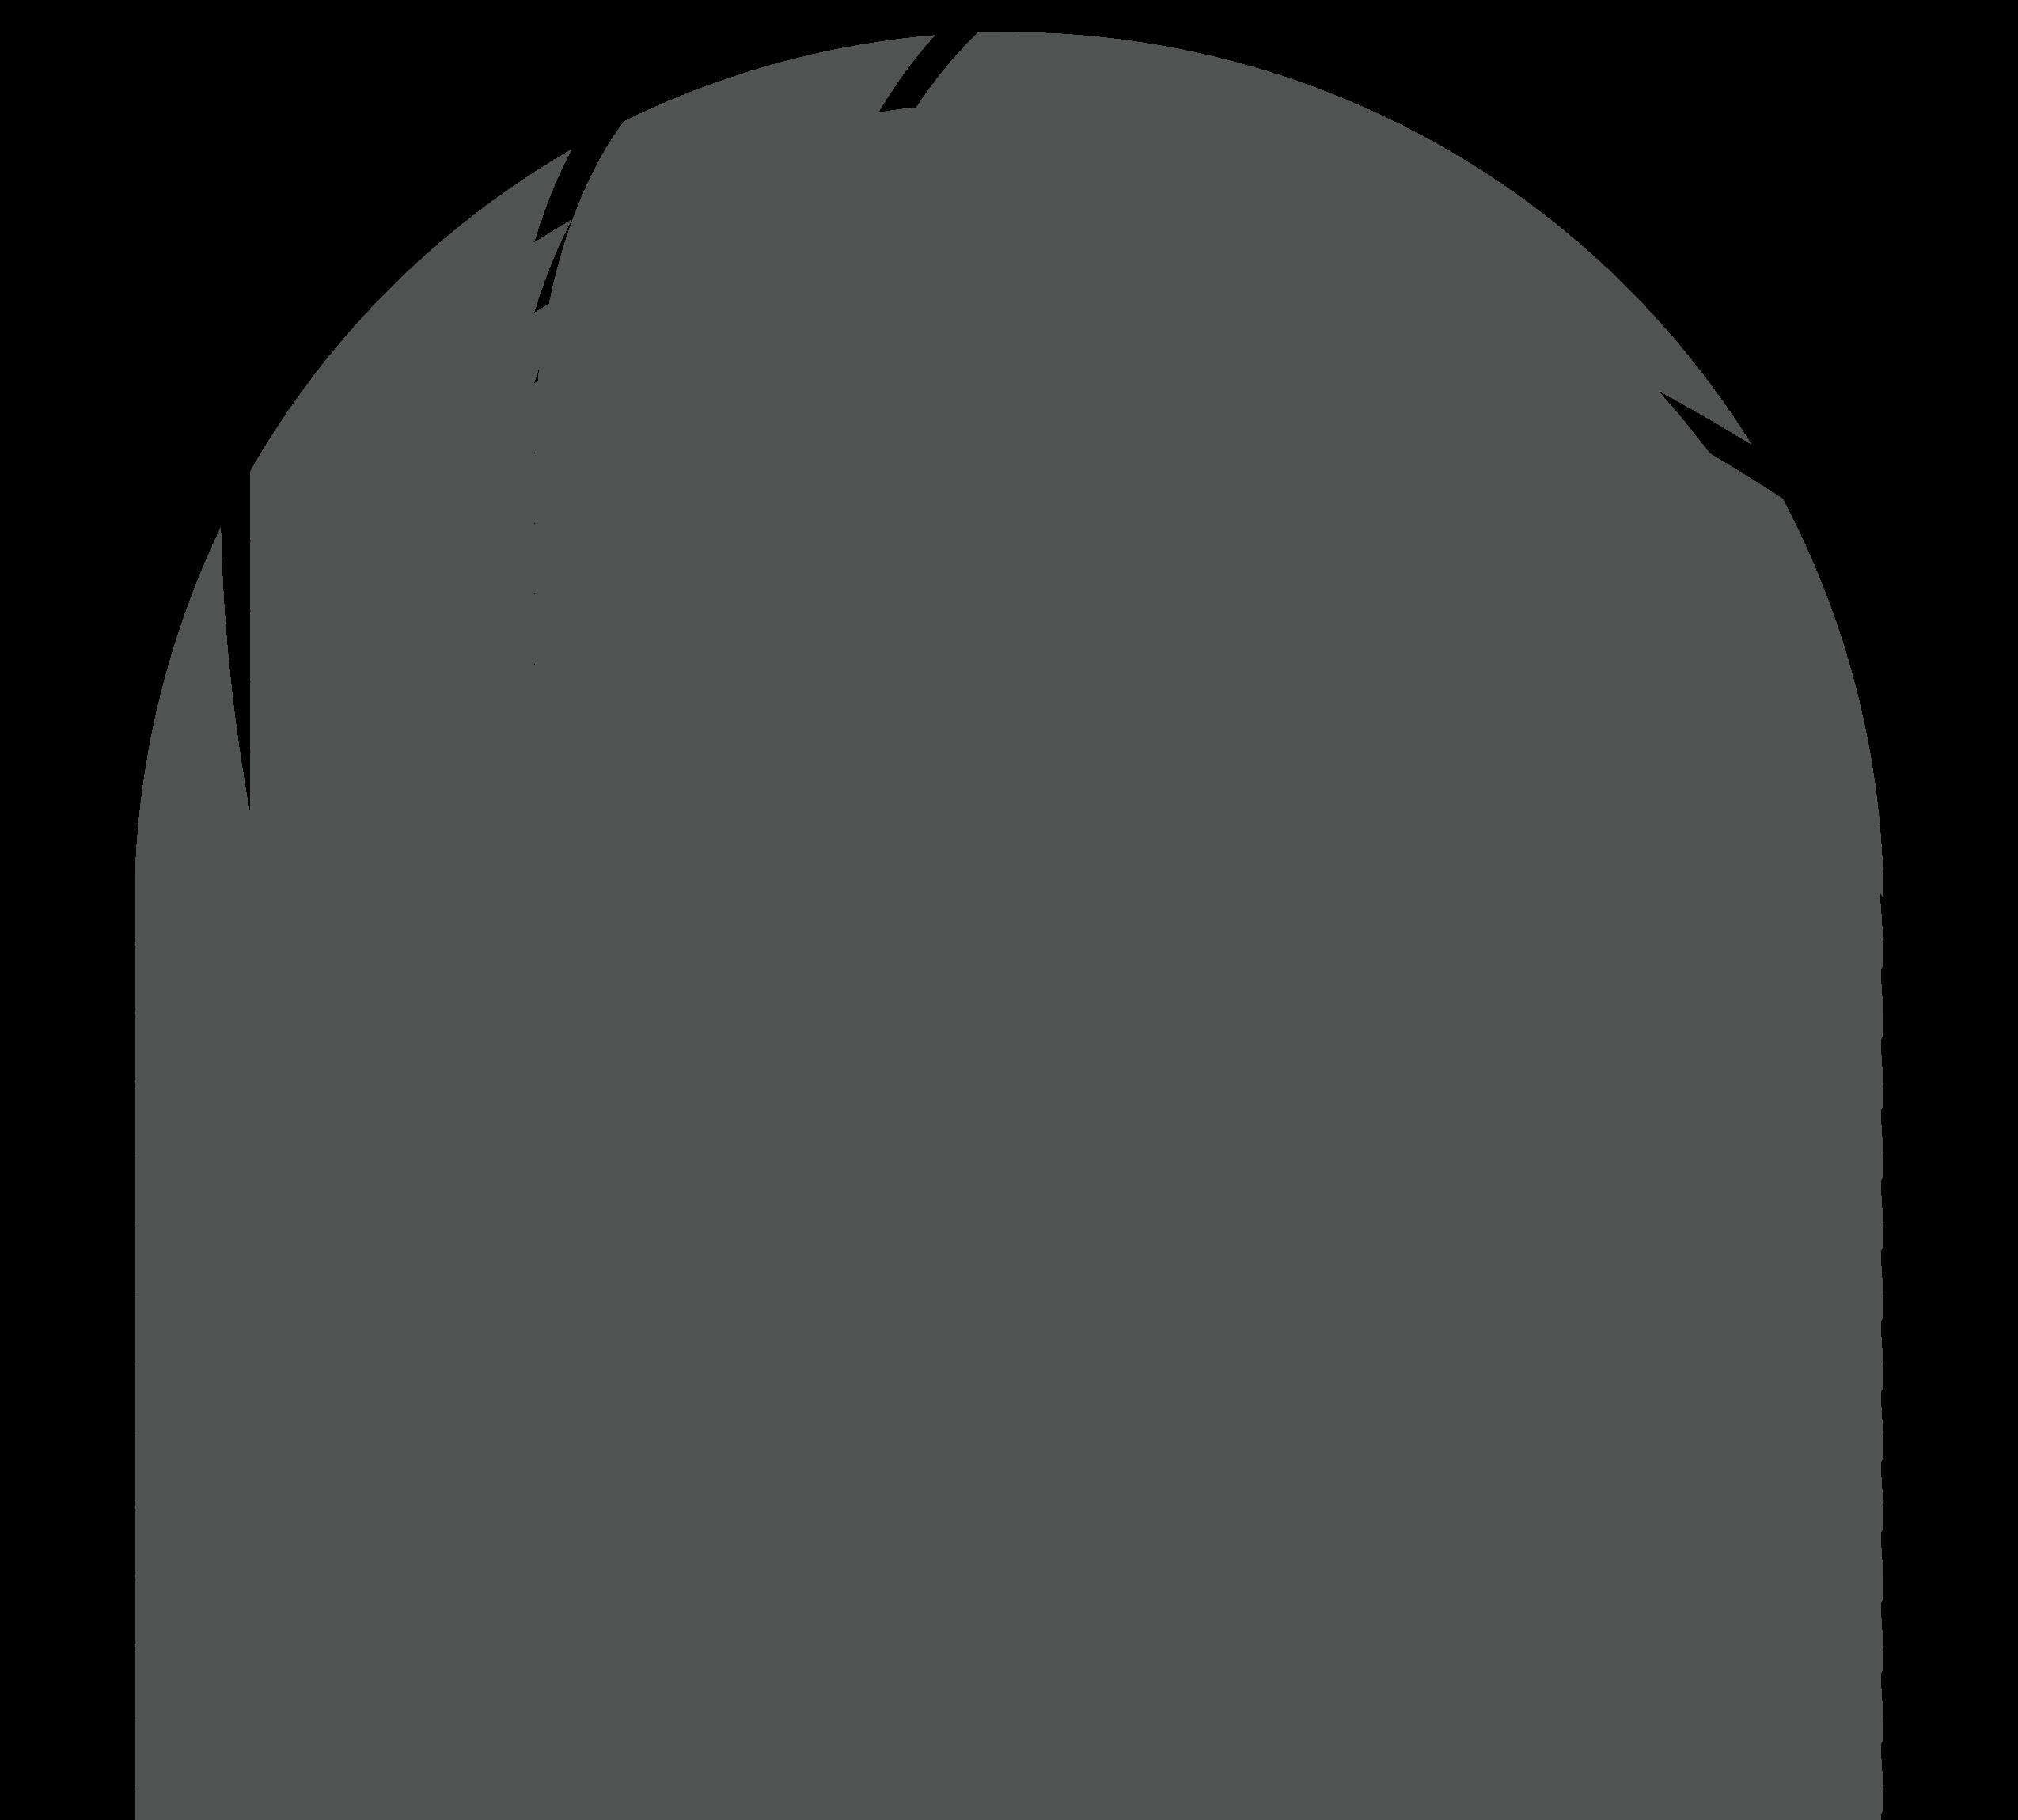 download volleyball free download png hq png image freepngimg bulldog clip art free printable english bulldog clipart free